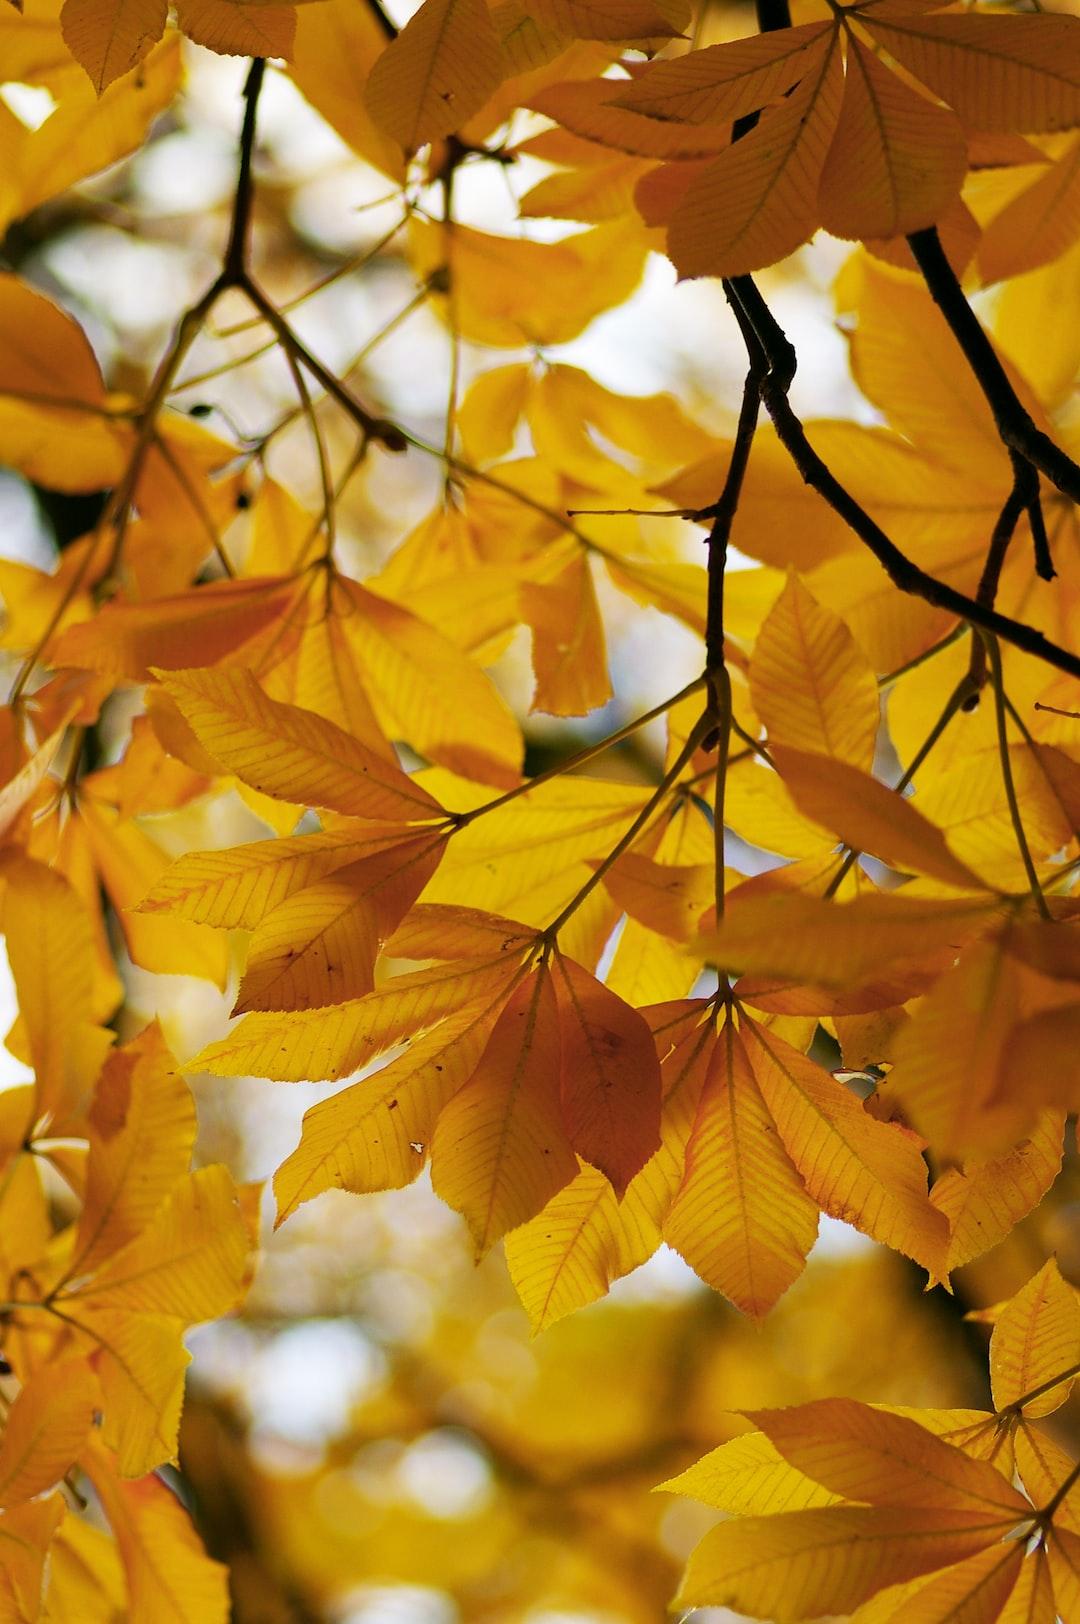 Golden chestnut leaves